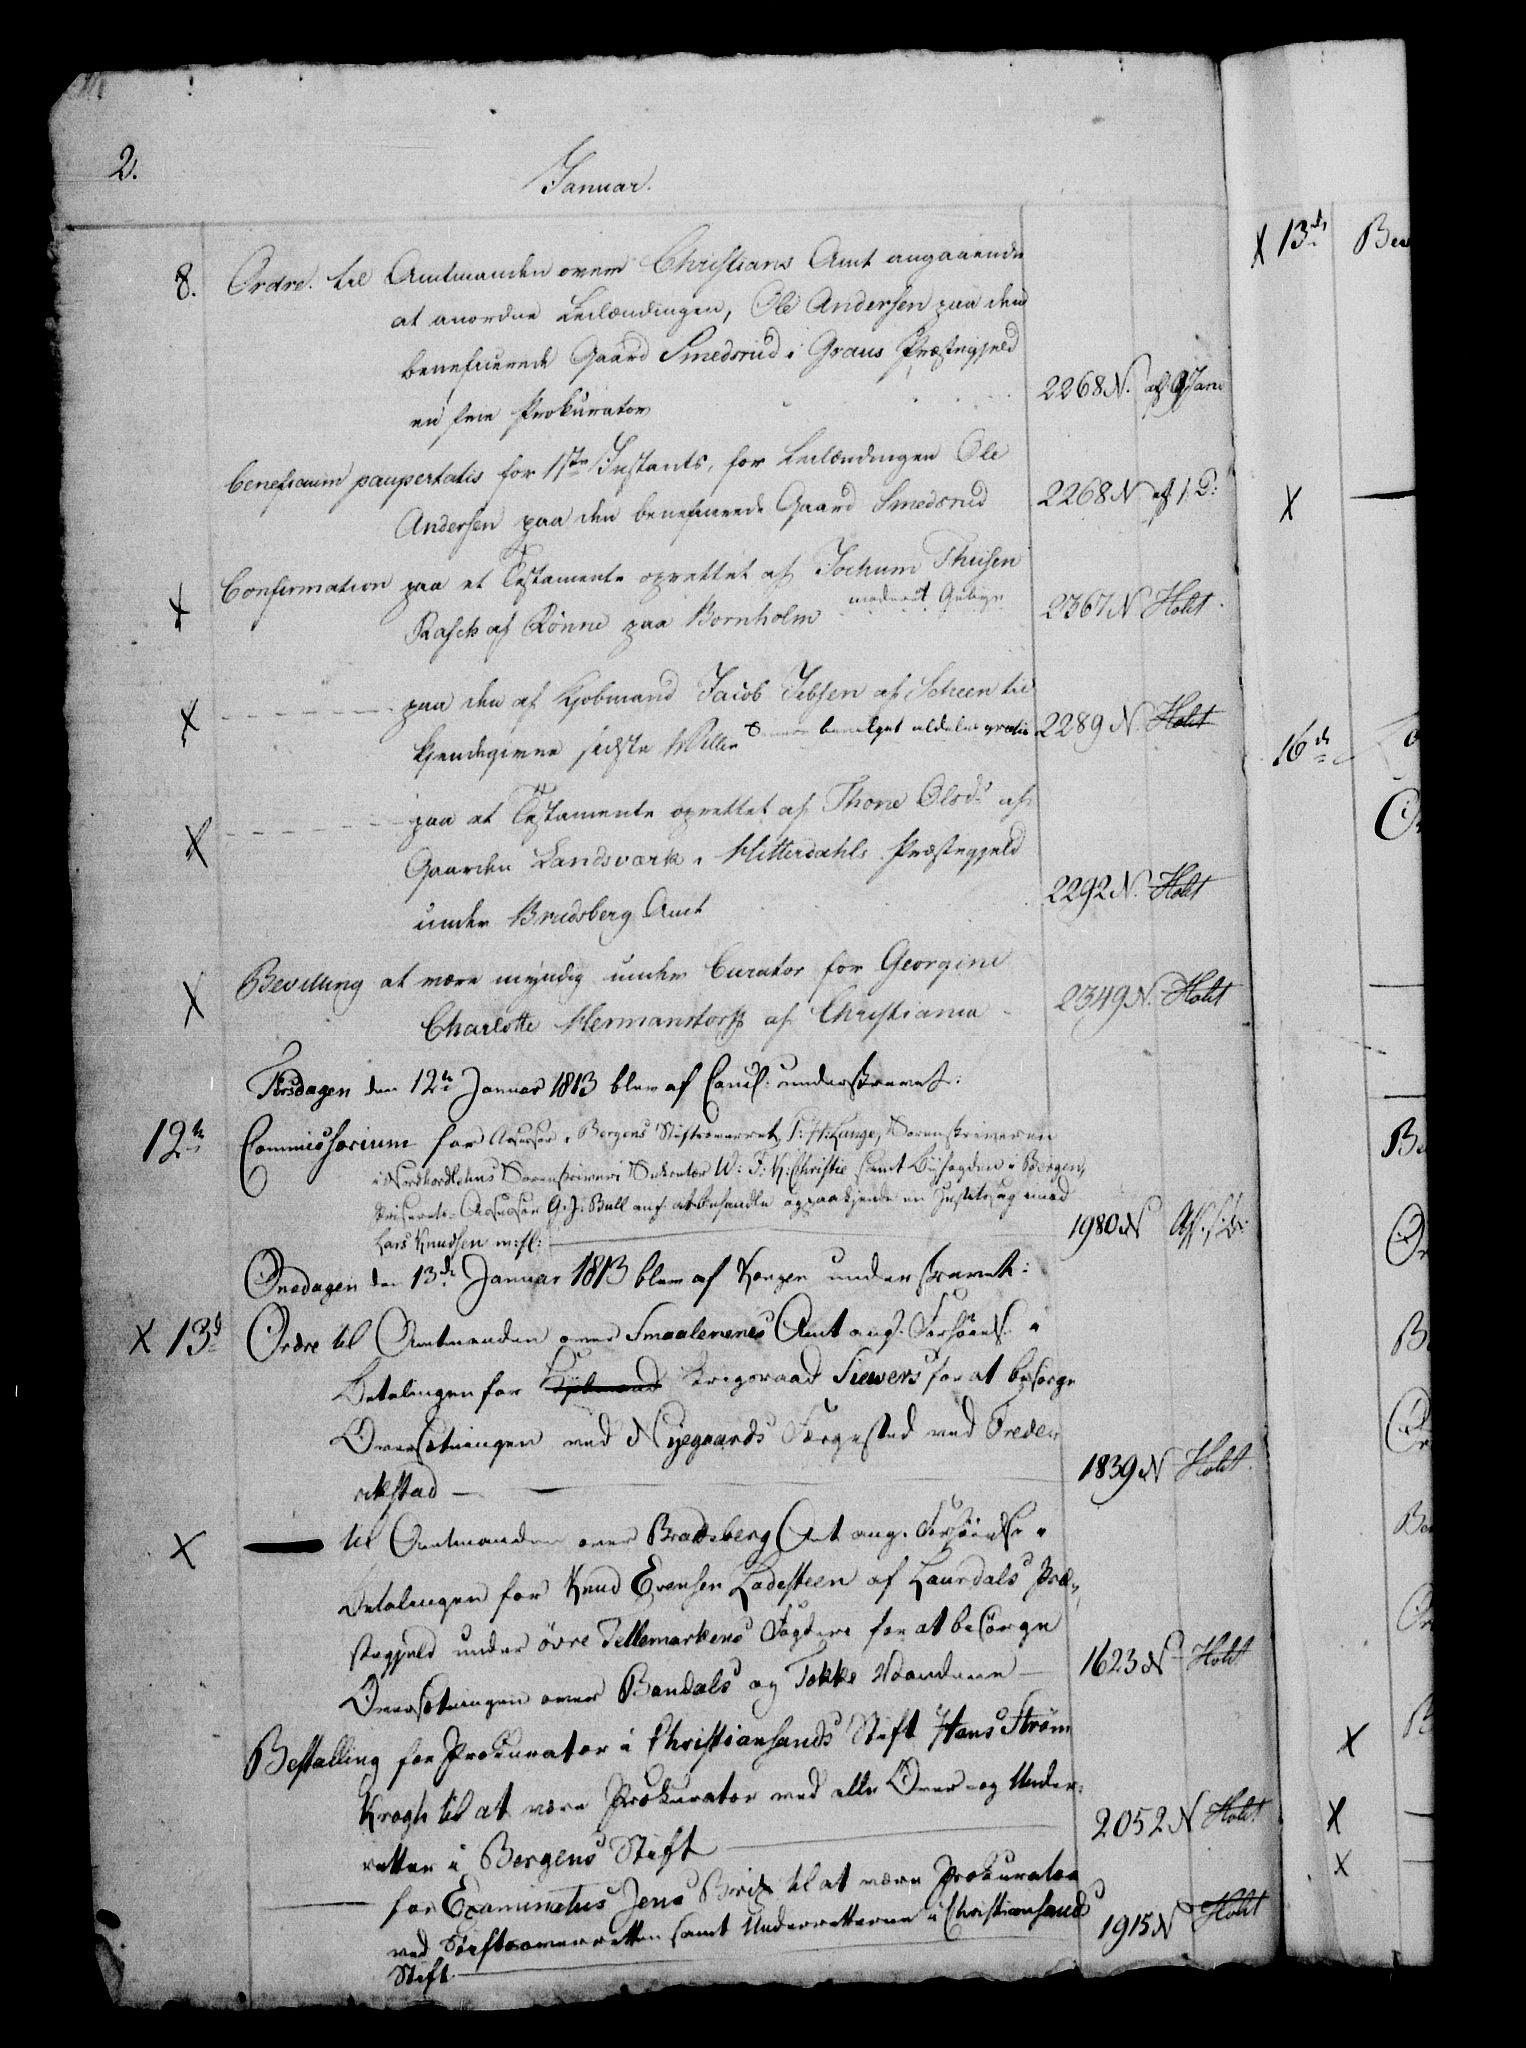 RA, Danske Kanselli 1800-1814, H/Hf/Hfb/Hfbc/L0014: Underskrivelsesbok m. register, 1813, s. 2